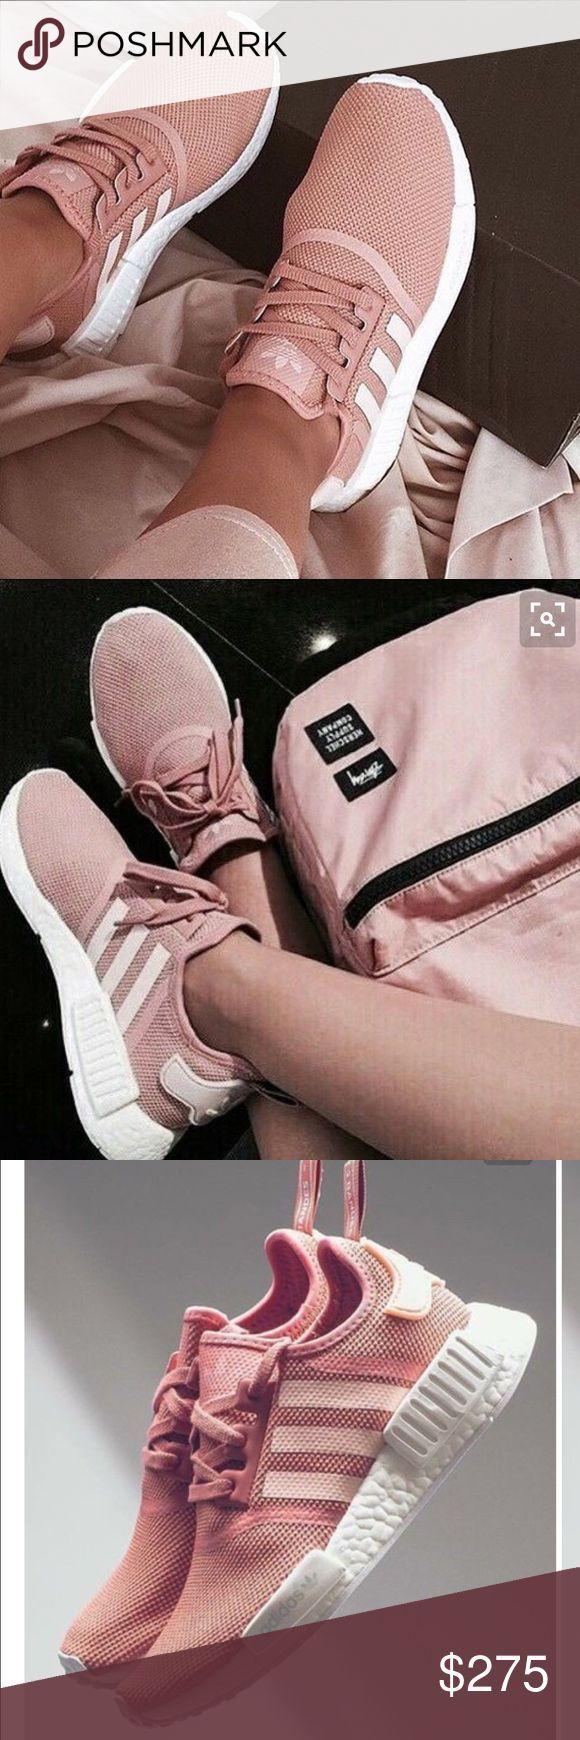 Adidas pink nmd limited edition RARE Diese sind zu 100% von einer anderen Dame gekauft, die von einem seriösen Wiederverkäufer gekauft wurde. Ich habe sie auch authentifiziert. Nie von mir getragen. Minimal getragen von Originalverkäufer. Größe 6, aber sie haben eine große Passform von 6,5 und 7. Sehr schwer zu authentisches Paar zu finden. ABSOLUT KEINE TRADES Adidas Shoes